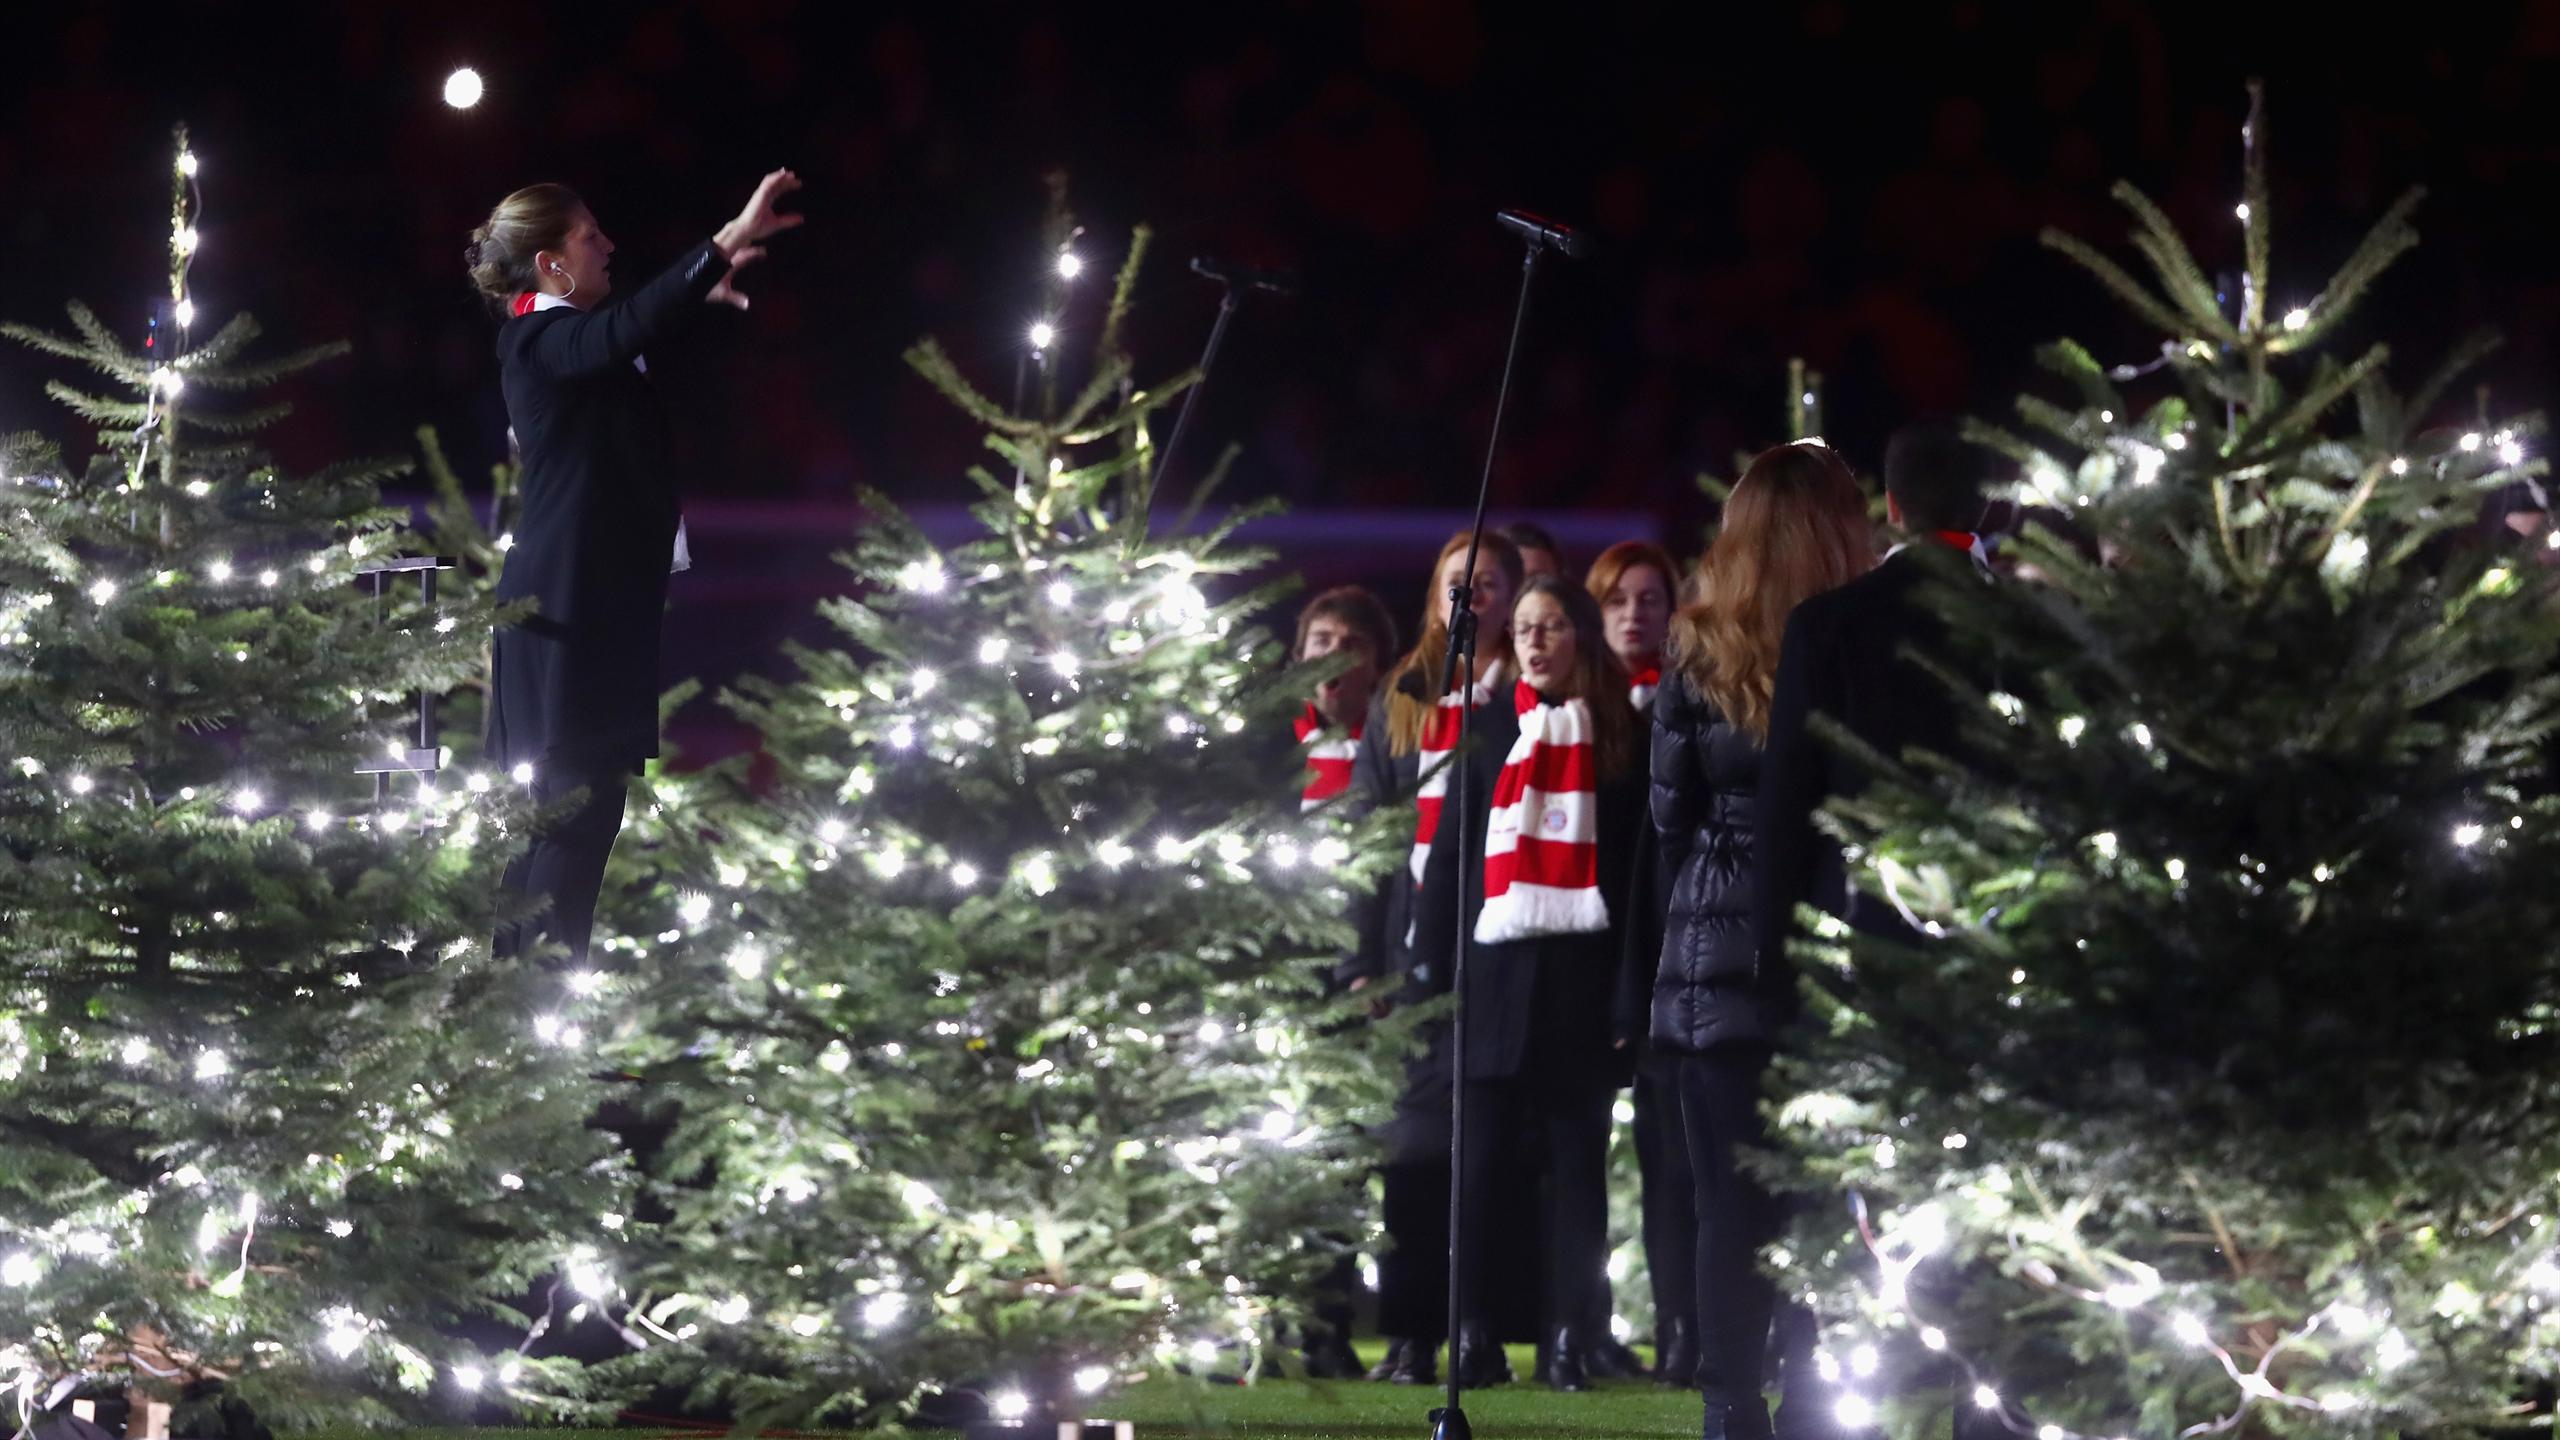 Jingle Bells in der Arena: FC Bayern feiert Weihnachten in großem ...